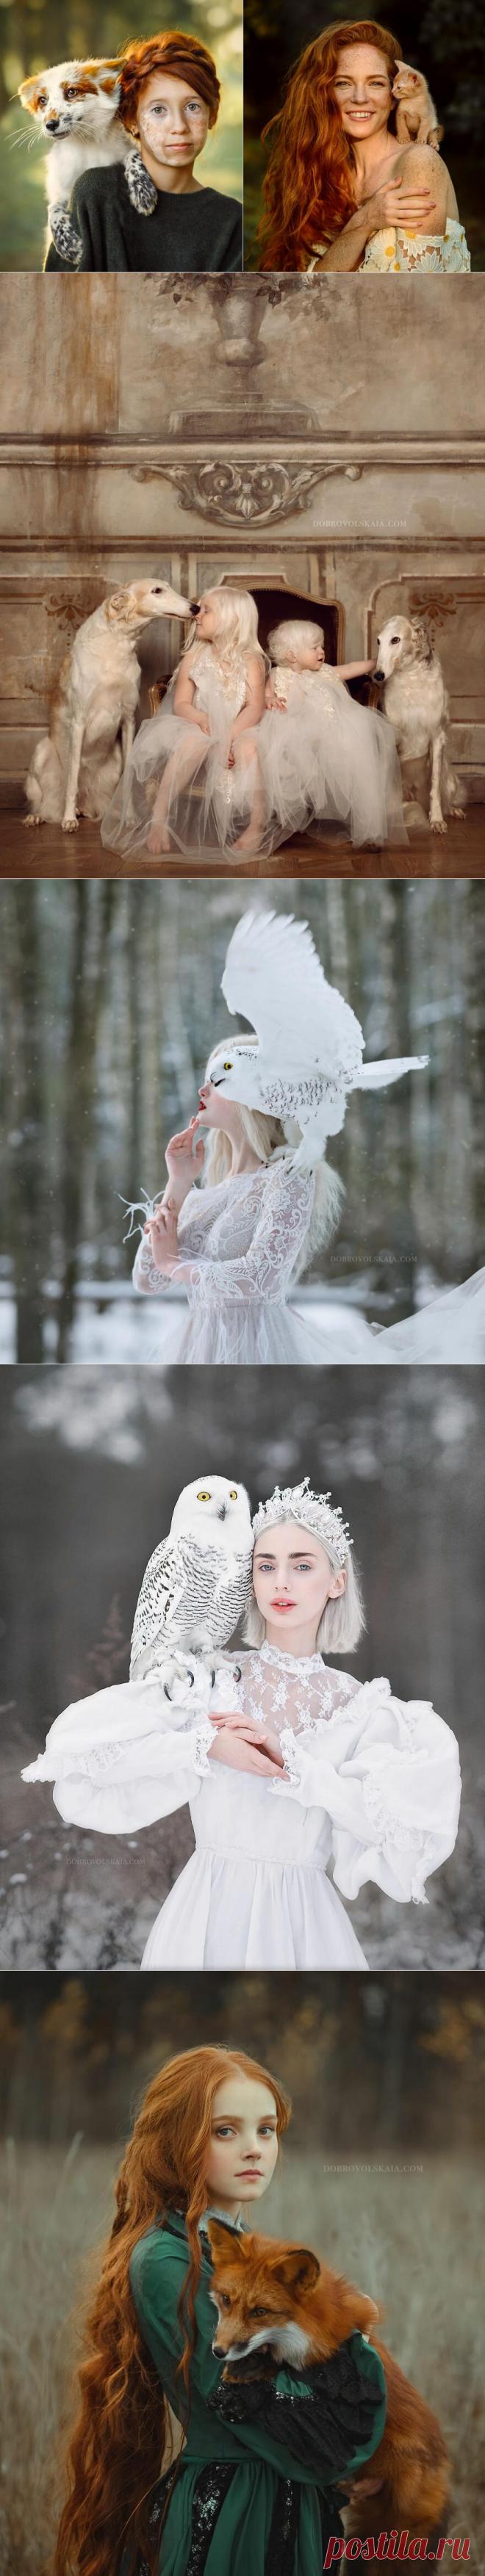 Уникальная связь людей и животных: 45 потрясных снимков российского фотографа